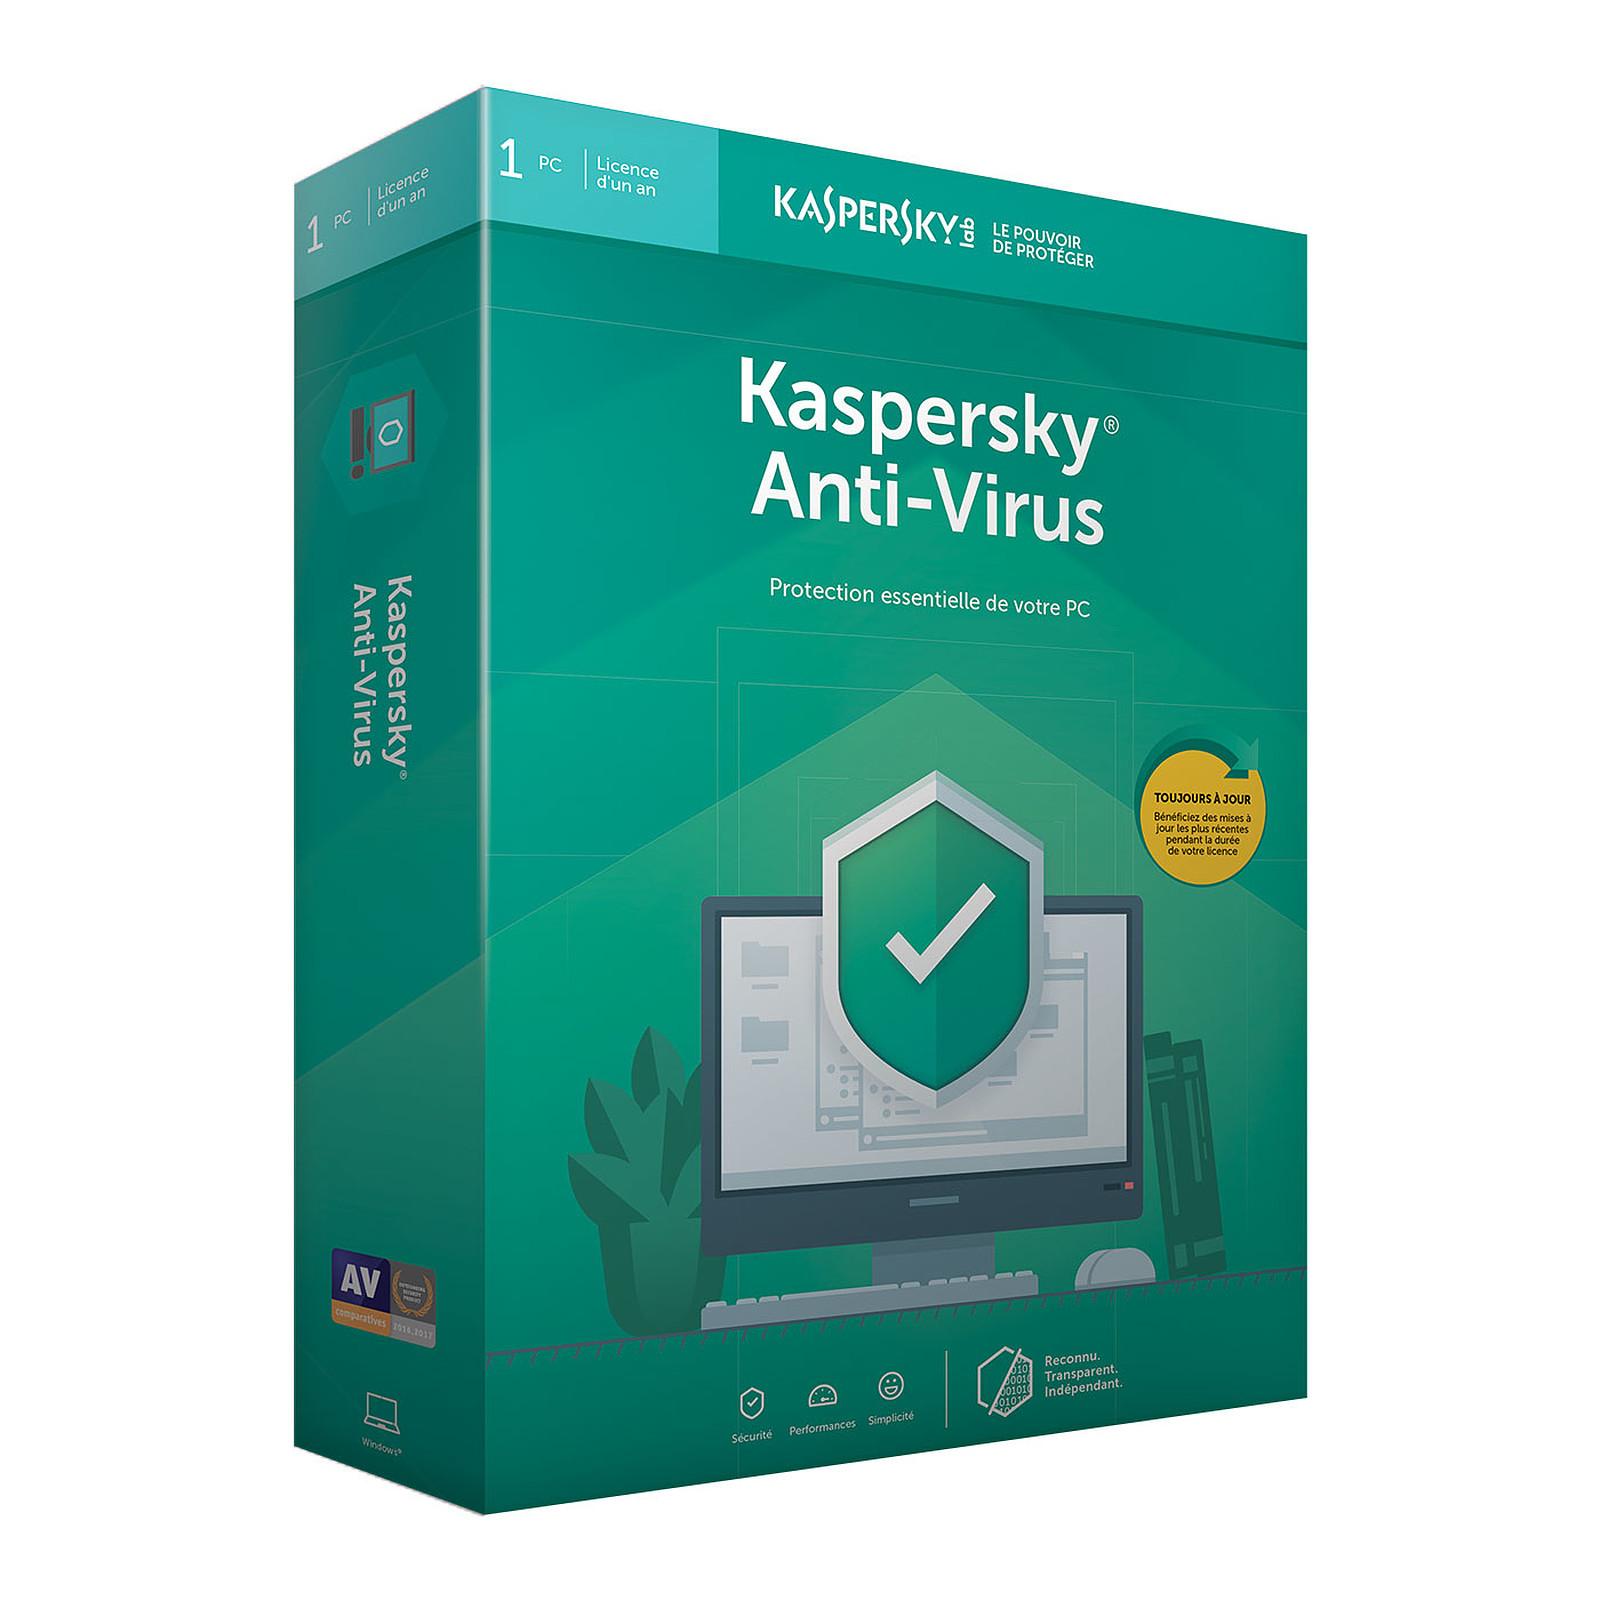 6e2a684a89e Kaspersky Anti-Virus 2019 - 1 año 1 licencia de estación de trabajo  Antivirus -